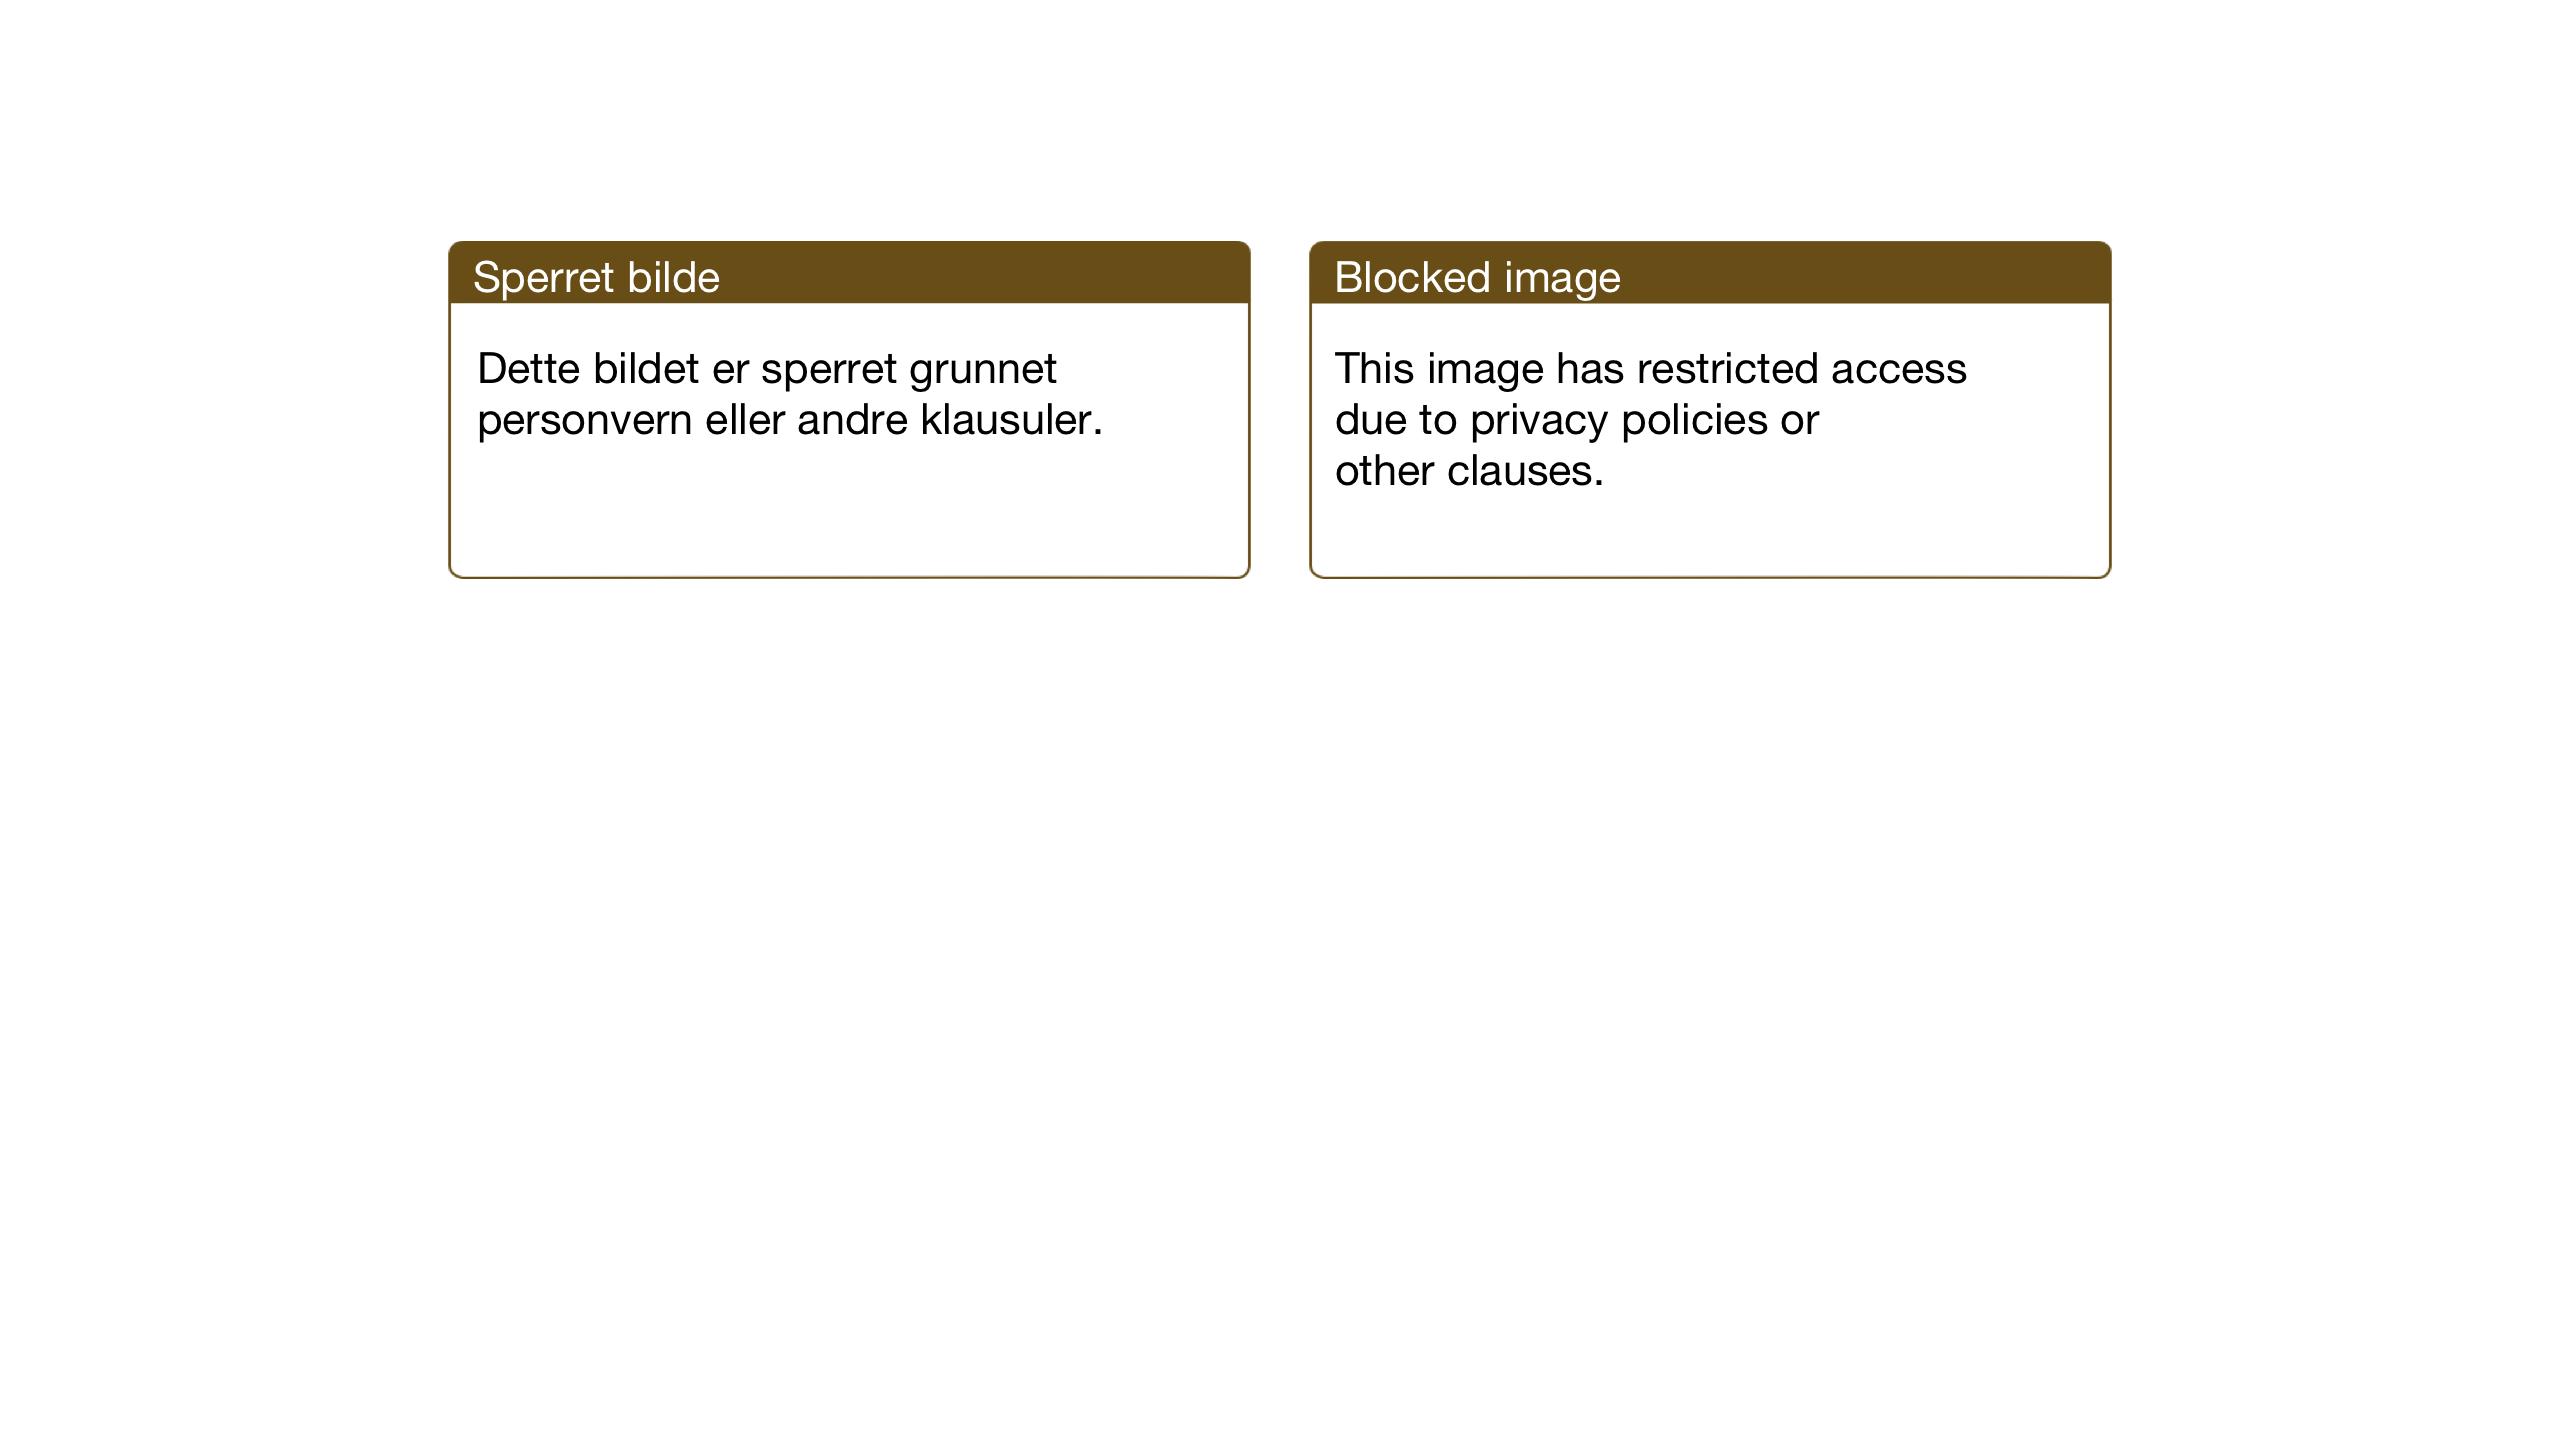 SAT, Ministerialprotokoller, klokkerbøker og fødselsregistre - Sør-Trøndelag, 637/L0564: Klokkerbok nr. 637C05, 1928-1968, s. 122